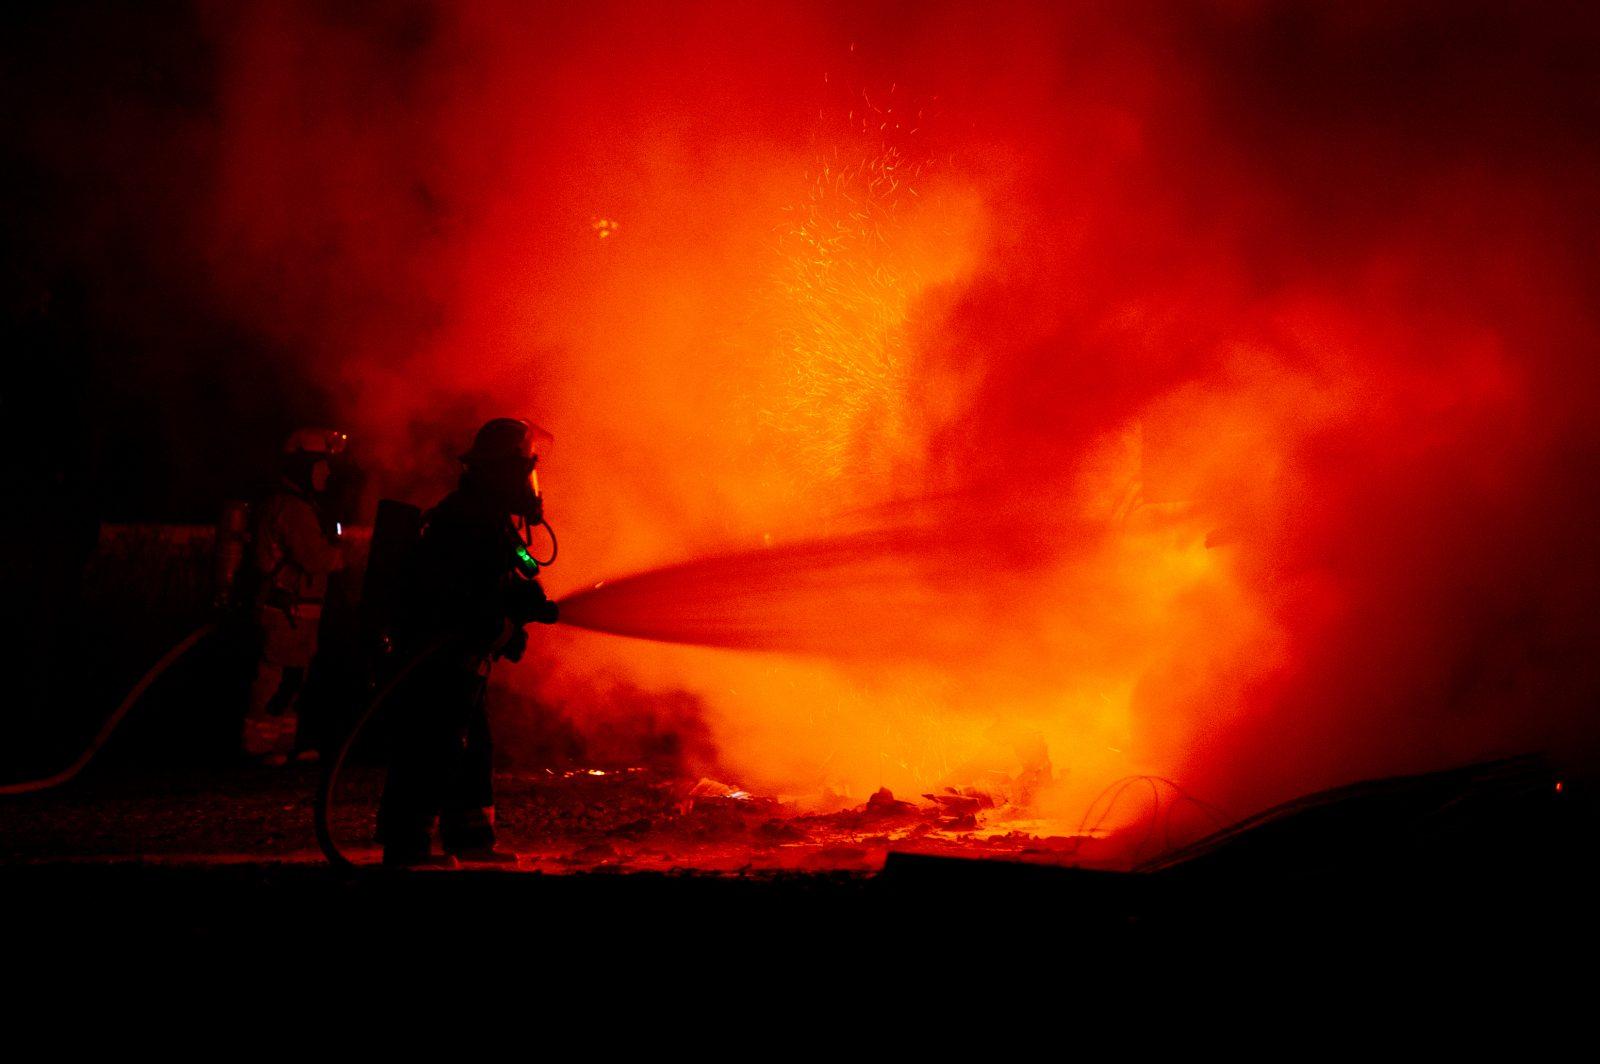 Une réserve de foin part en fumée (photos et vidéo)